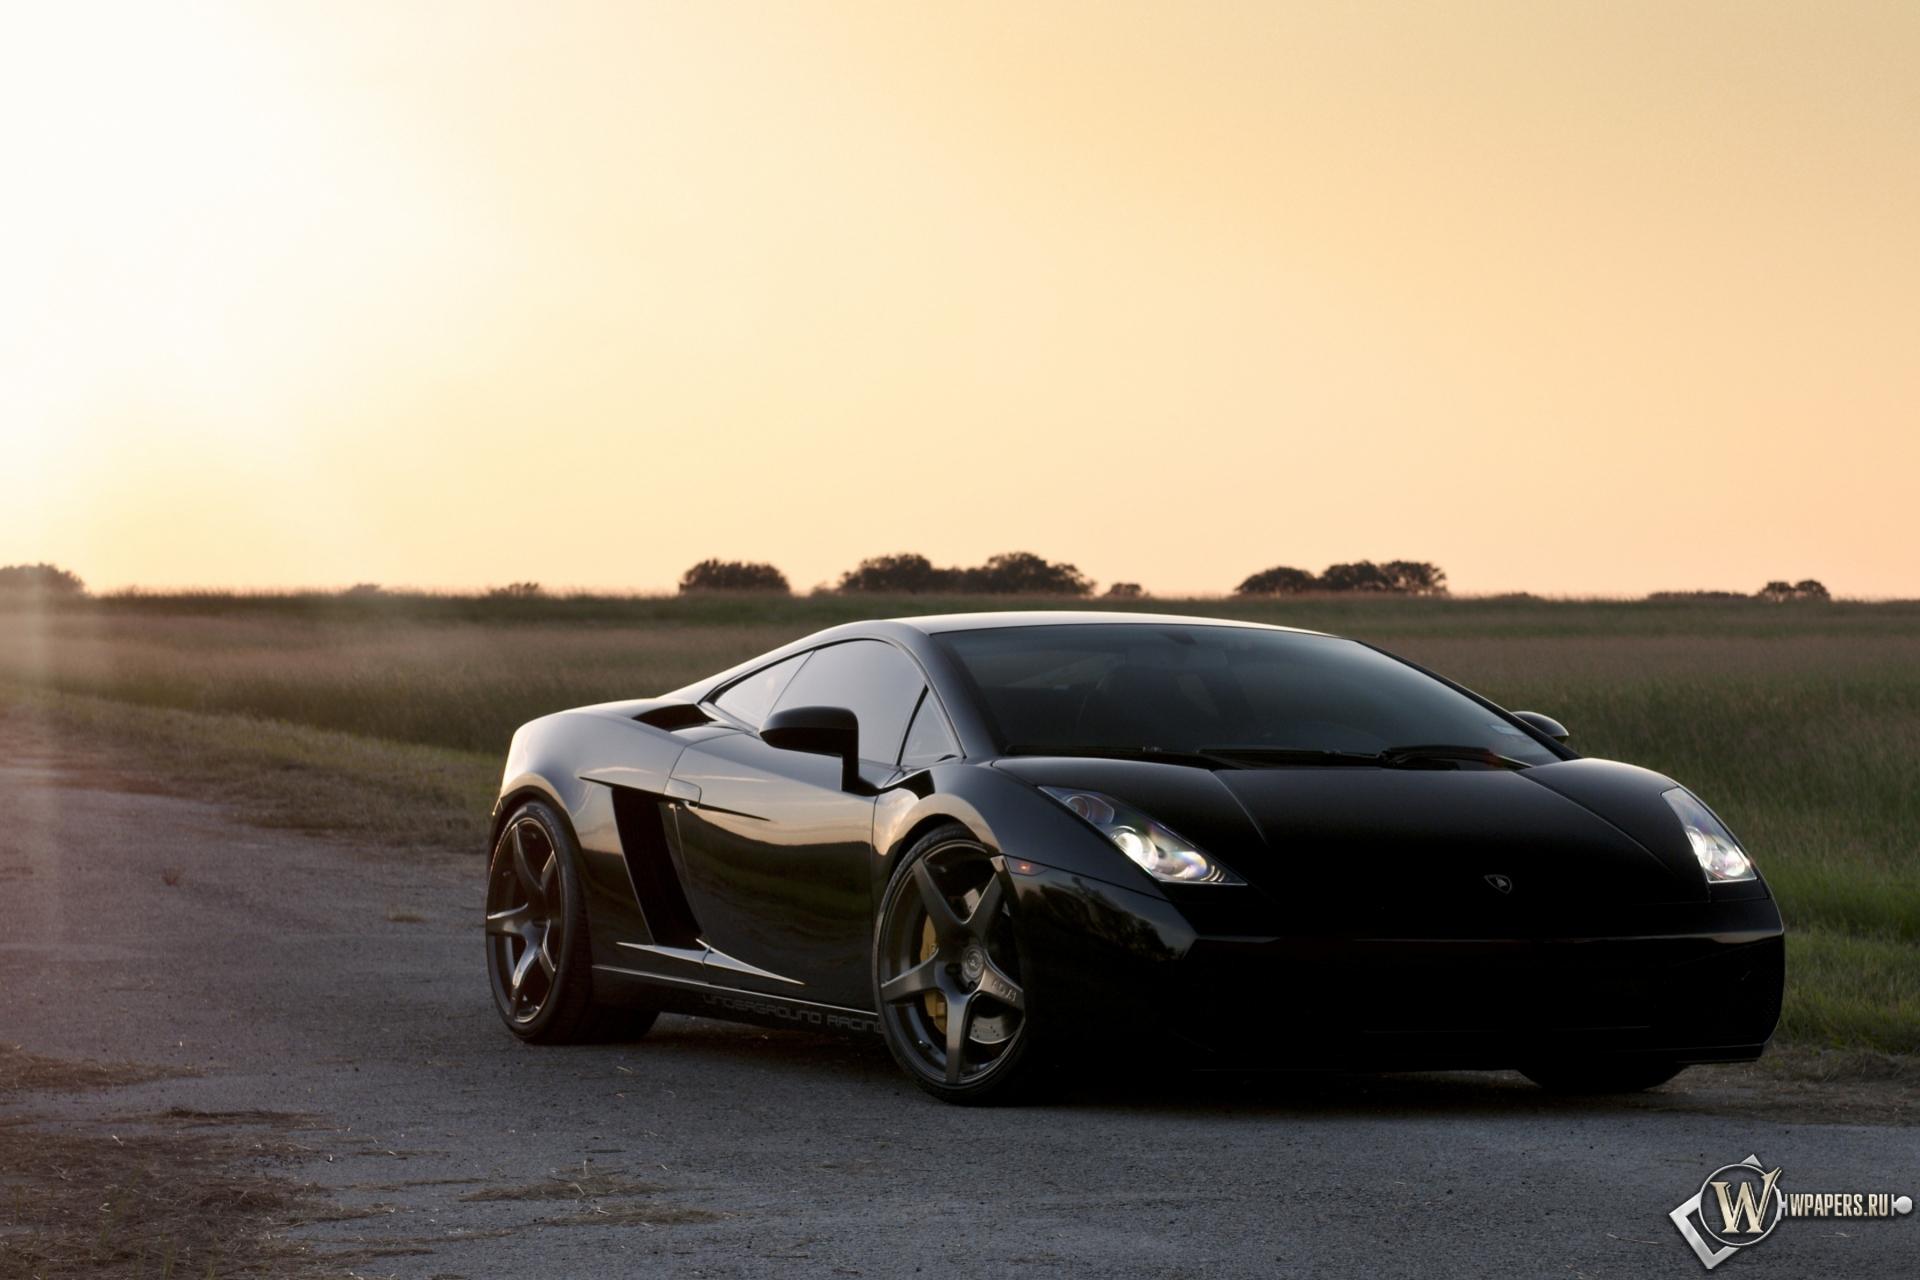 Lamborghini Gallardo 1920x1280